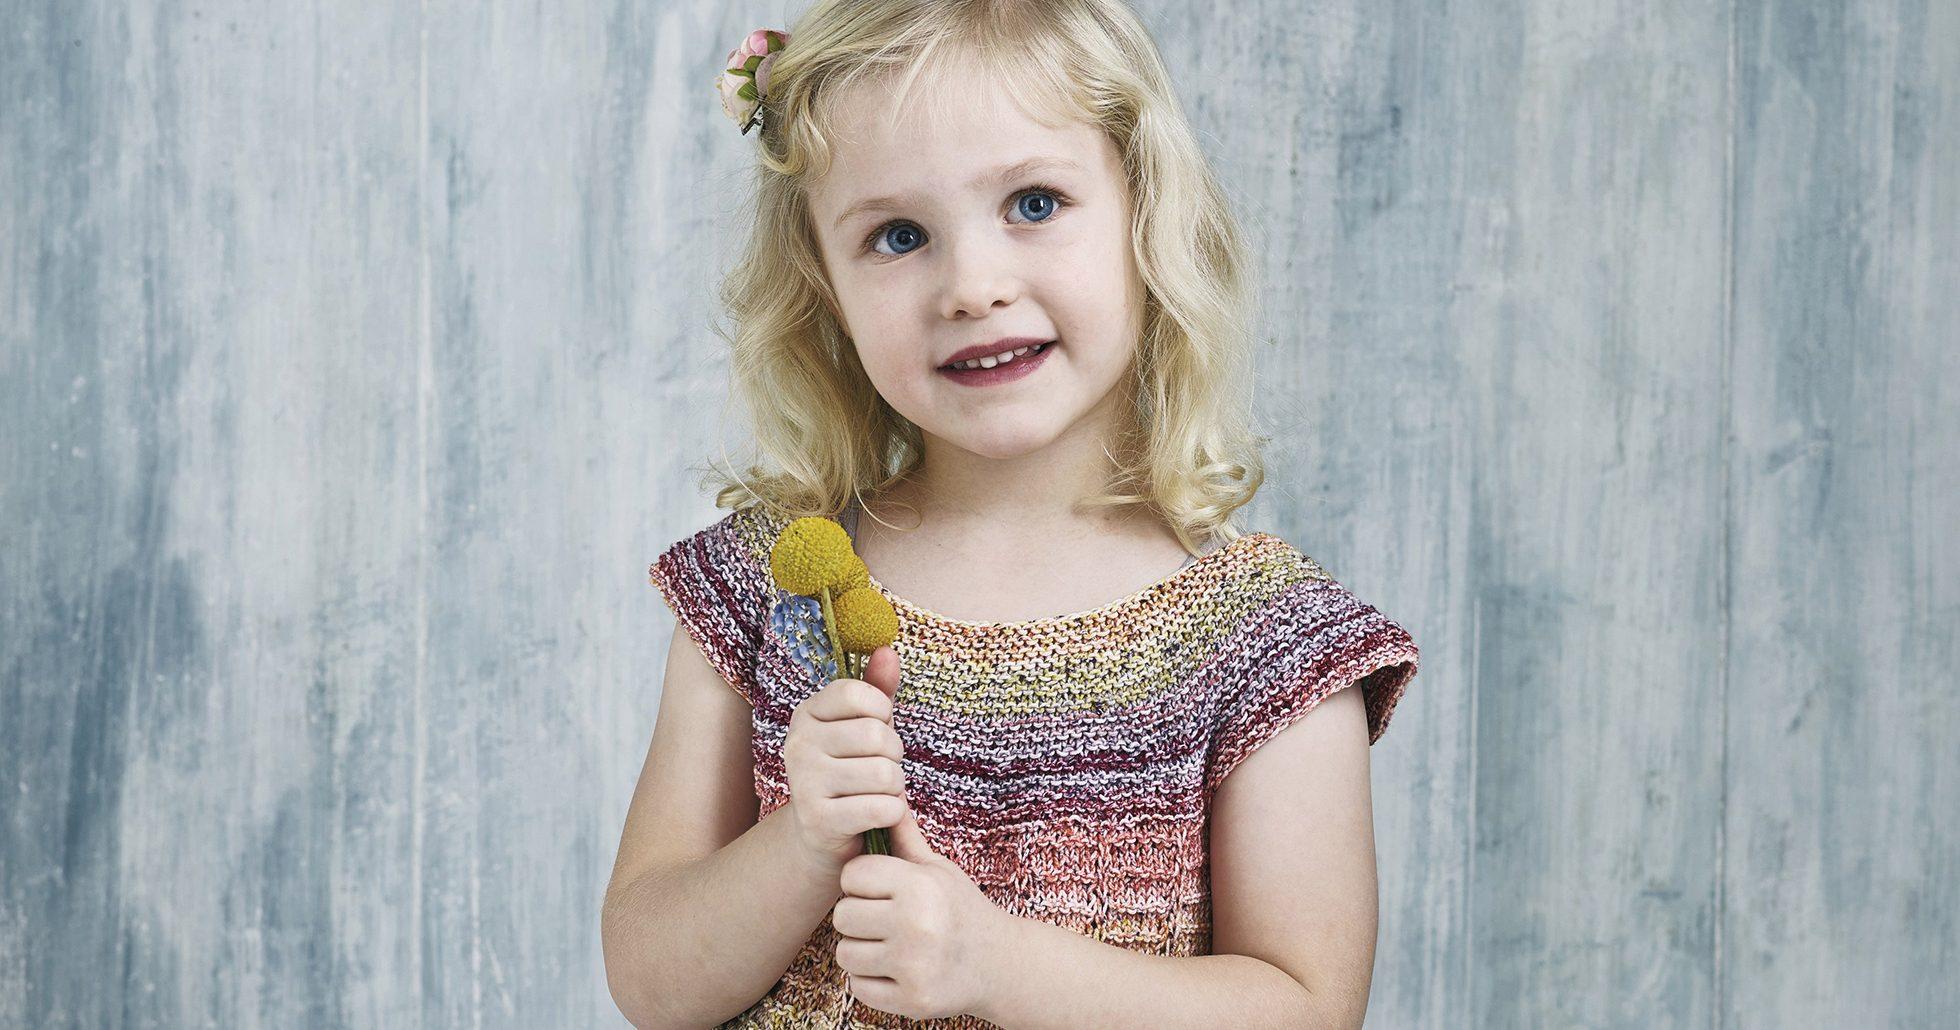 Flicka i söt stickad tröja håller blomma